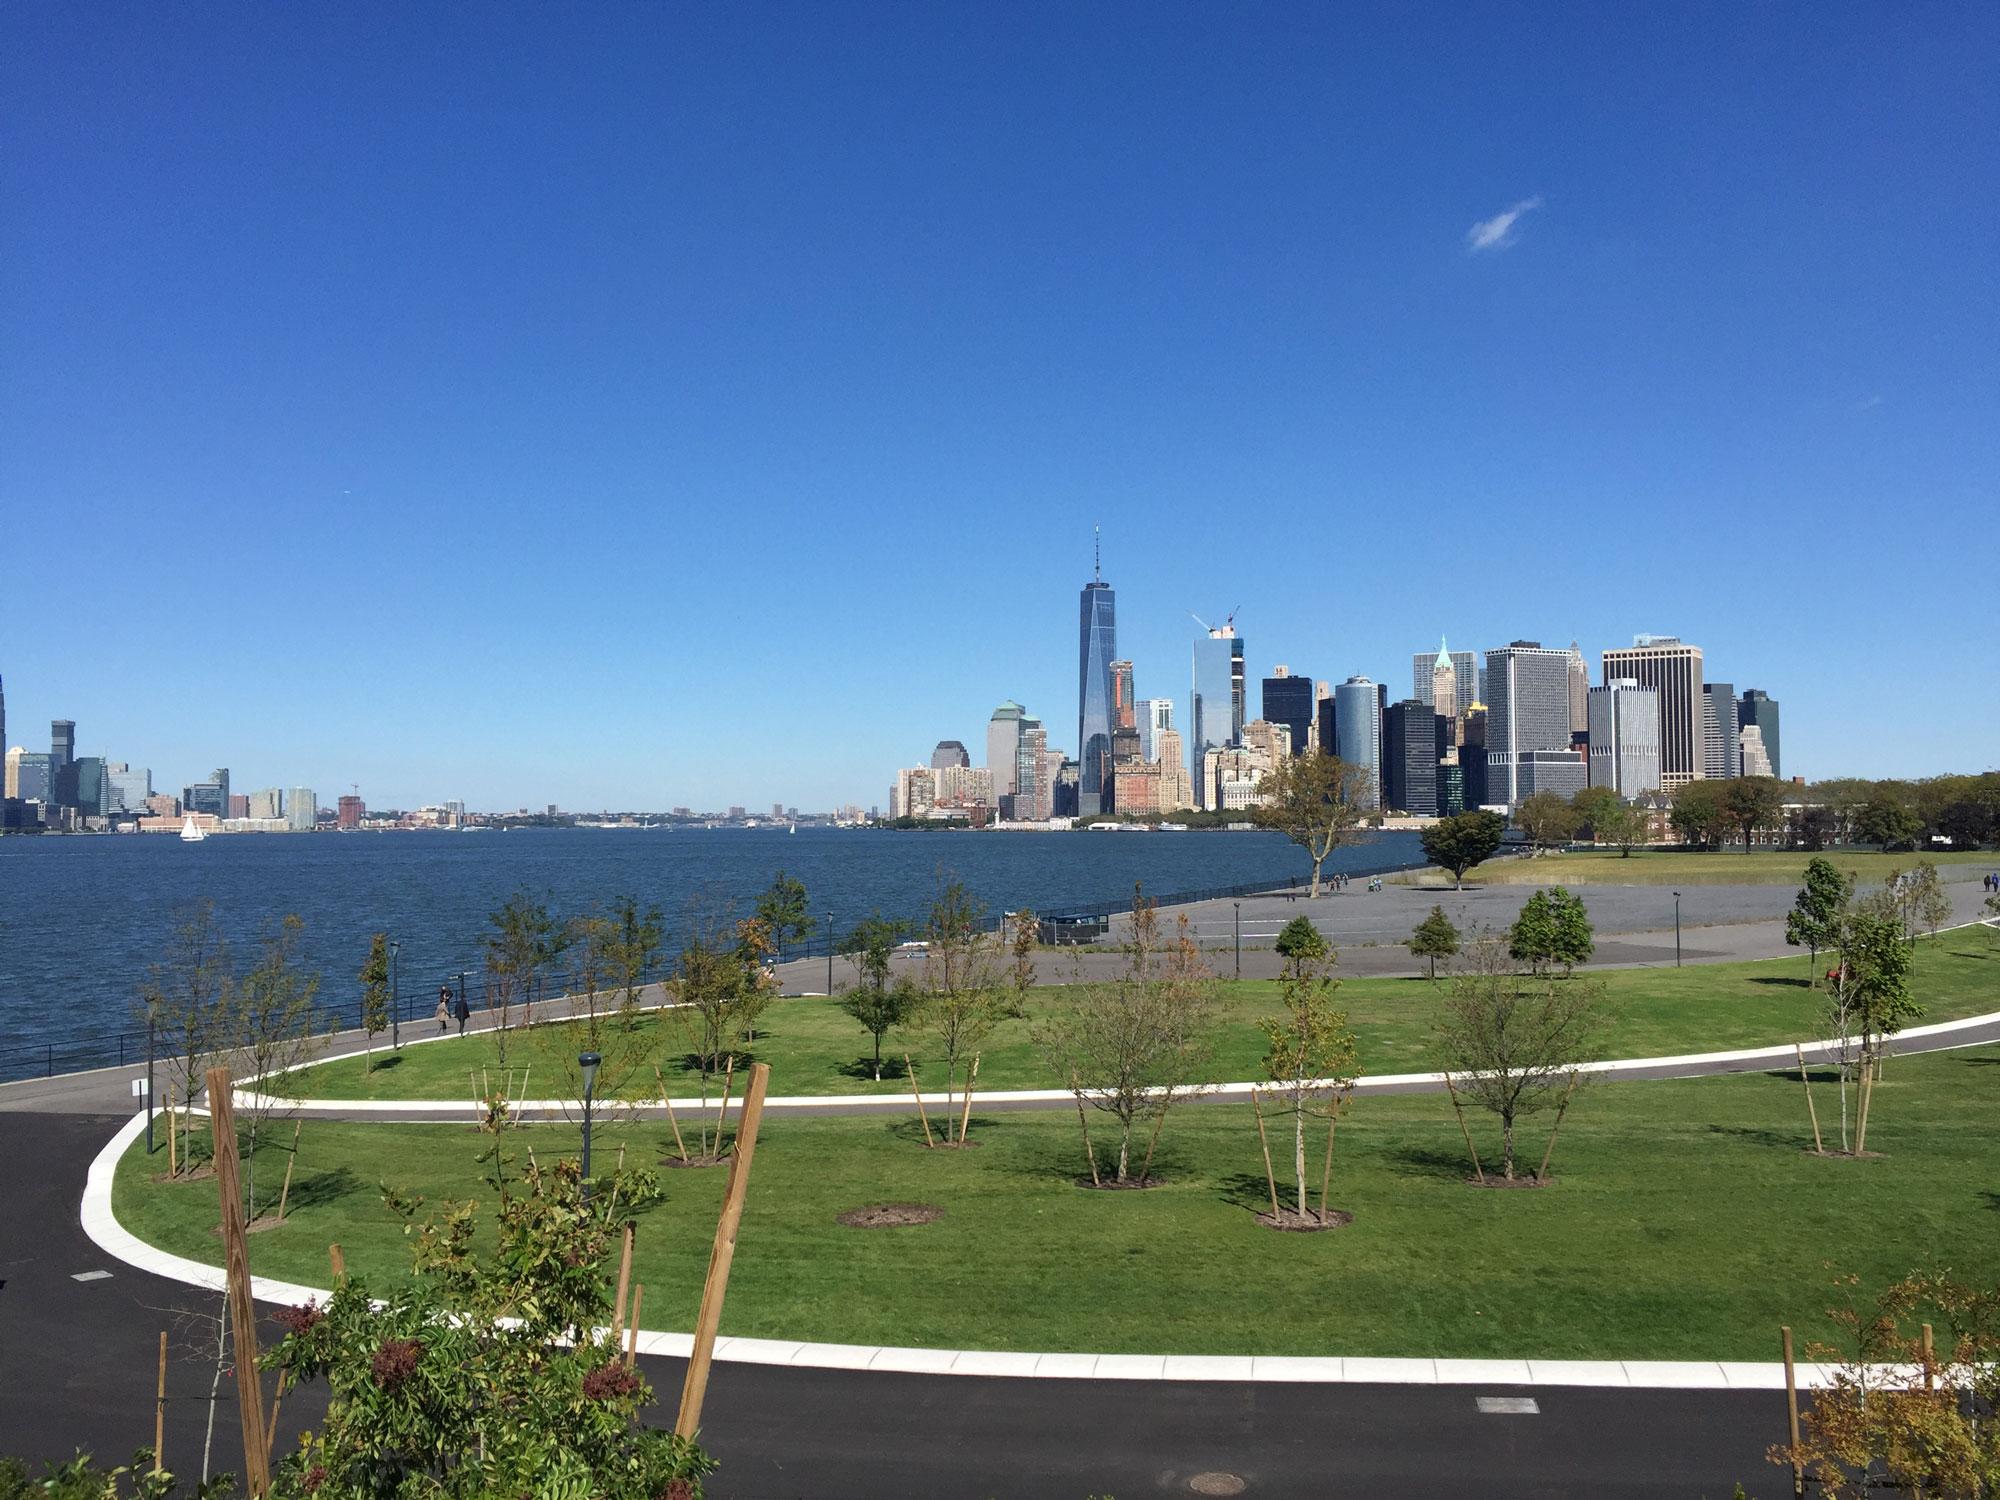 從Governor's Island的The Hills眺望曼哈頓下城的摩天樓群